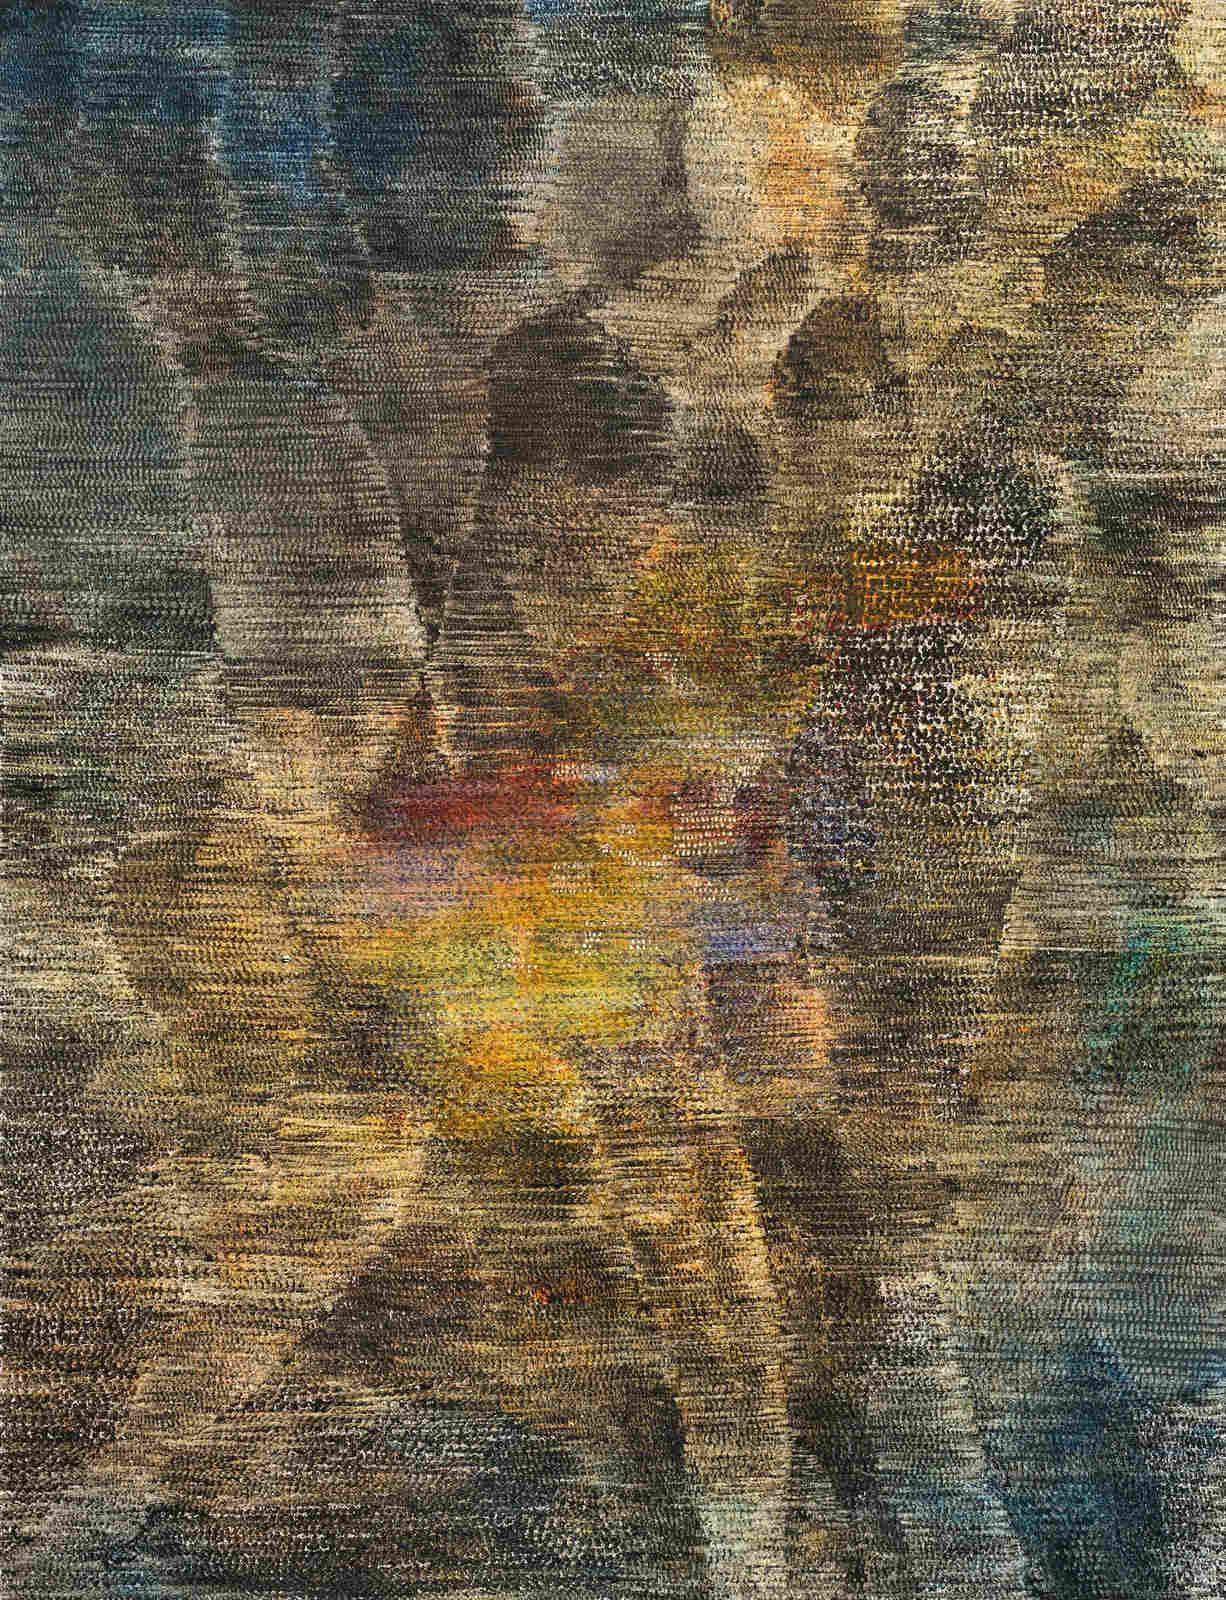 19_Guggisberg, Stefan_Wärme_2015_oil on paper_65 x 50 cm